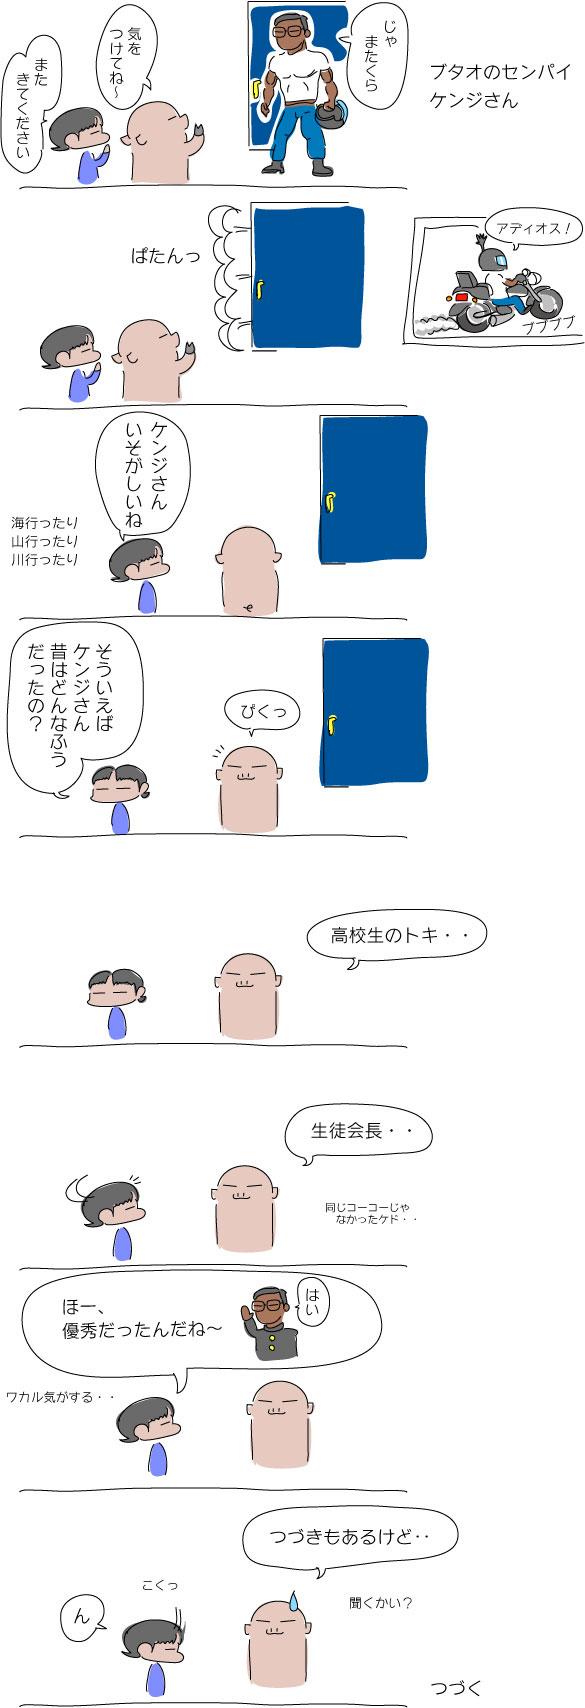 ケンジアニキ